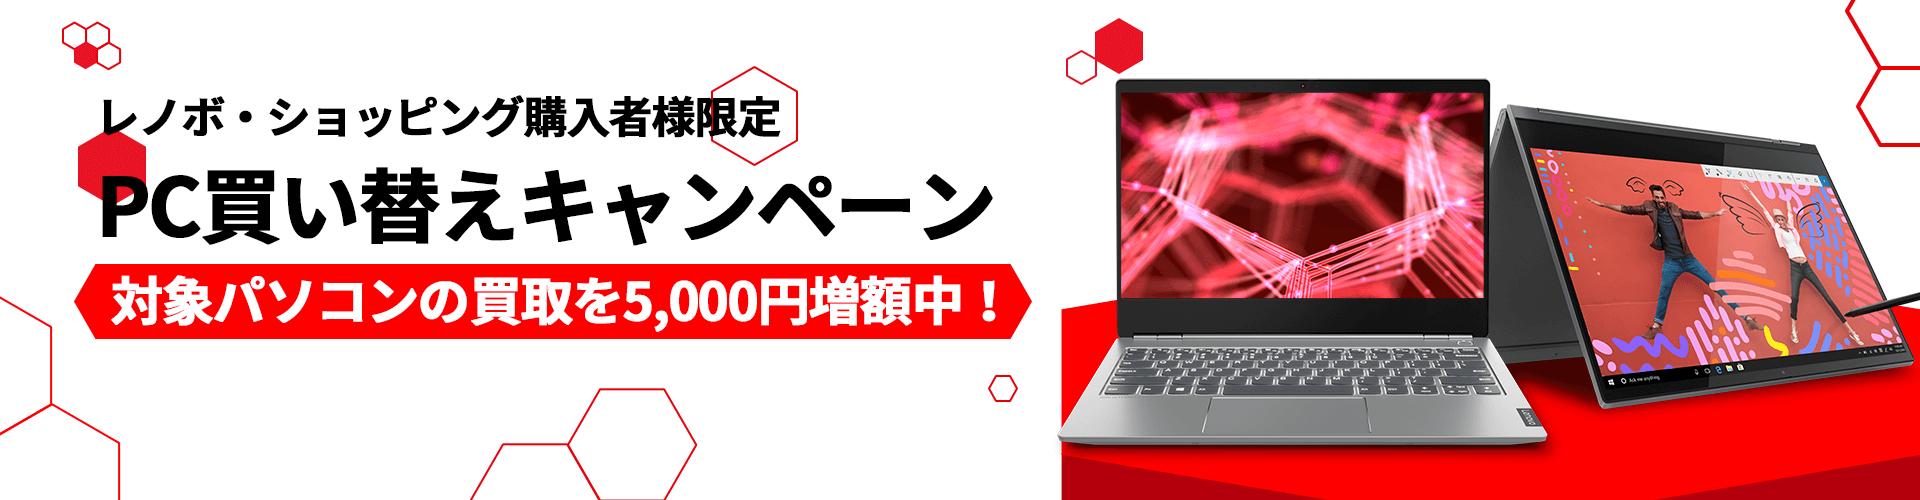 lenovo-jp-kaikae-campaigns